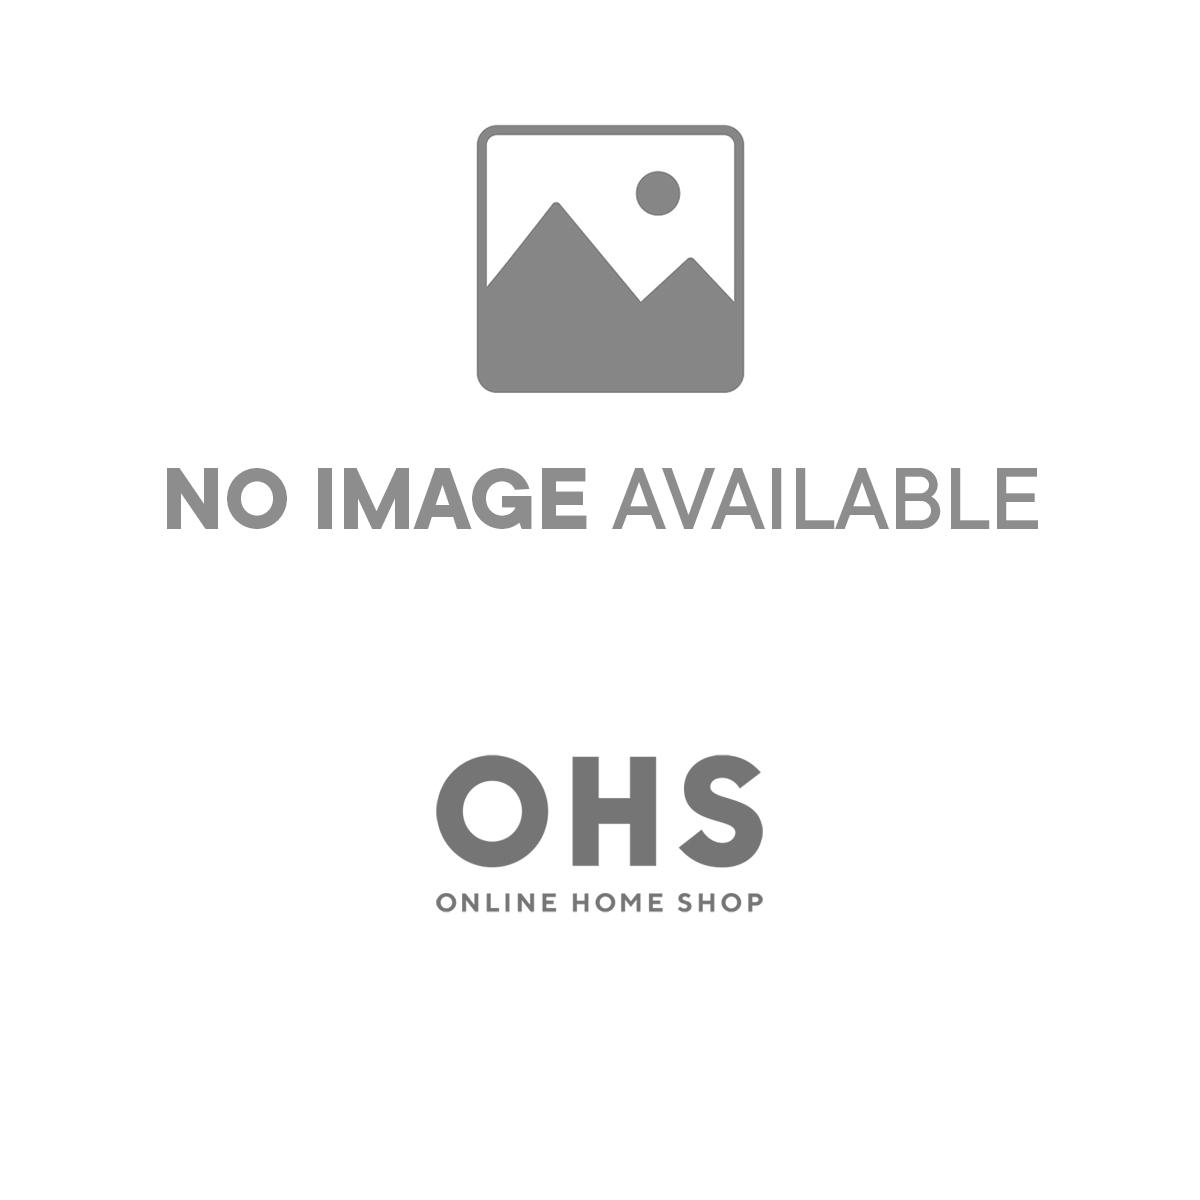 Roslyn Bedroom Furniture Set: Roslyn Duvet Cover With Pillowcase Set